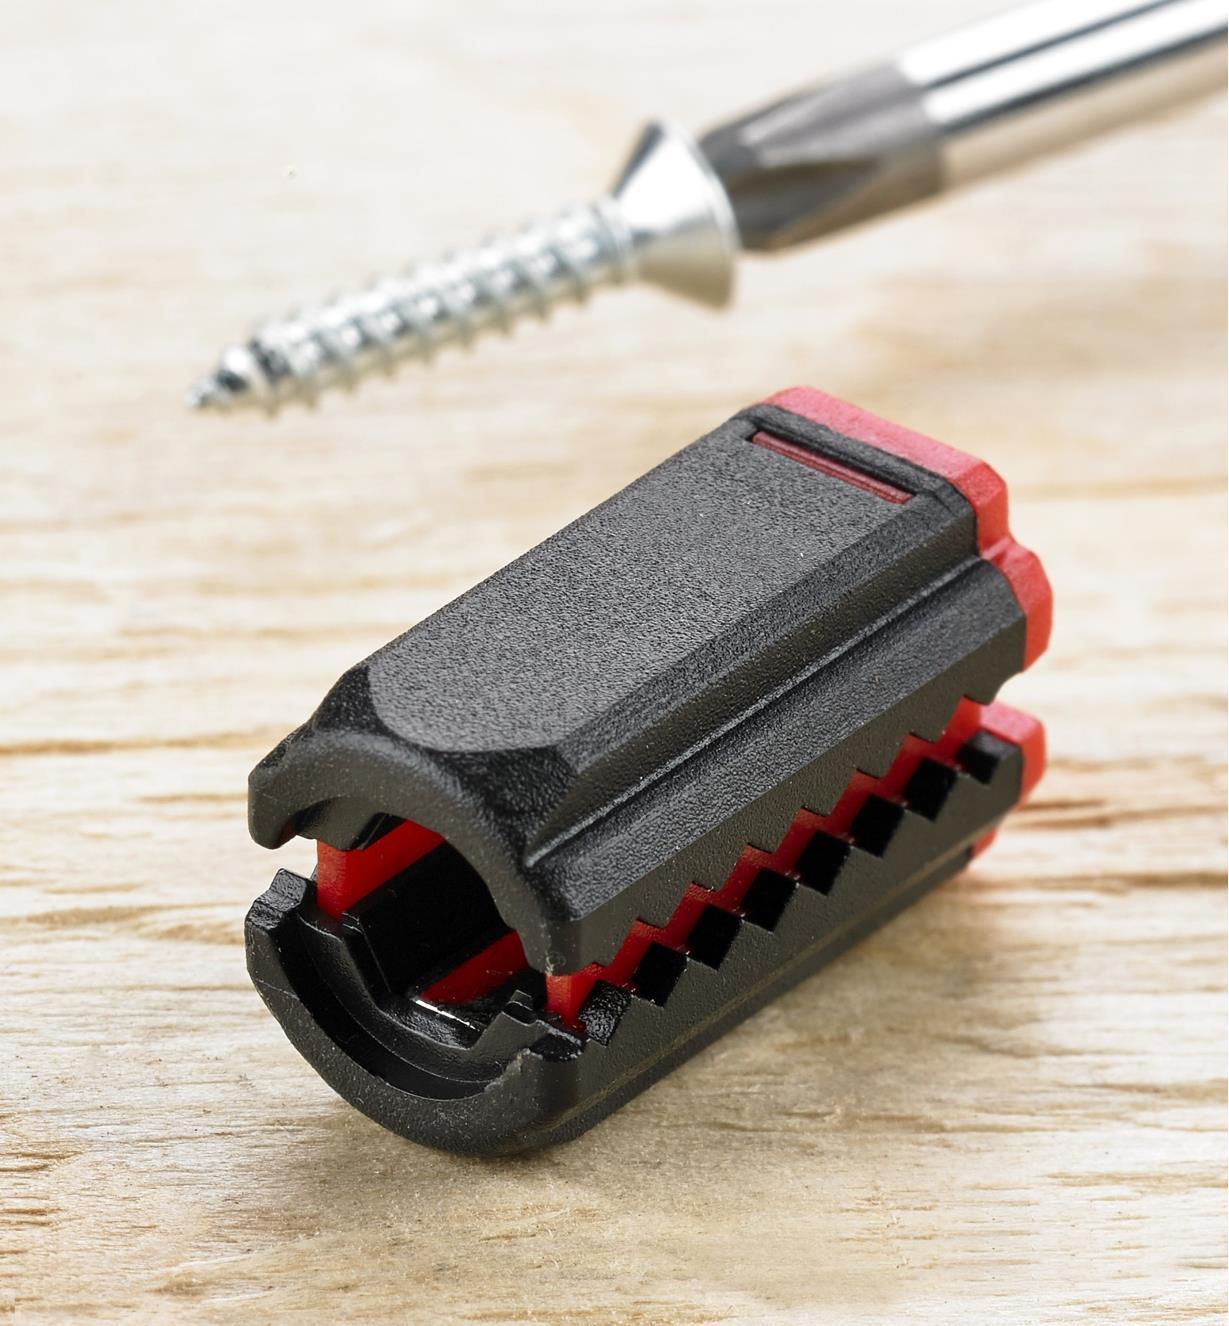 Magnétiseur-démagnétiseur pour tournevis près d'un tournevis magnétisé qui retient une vis